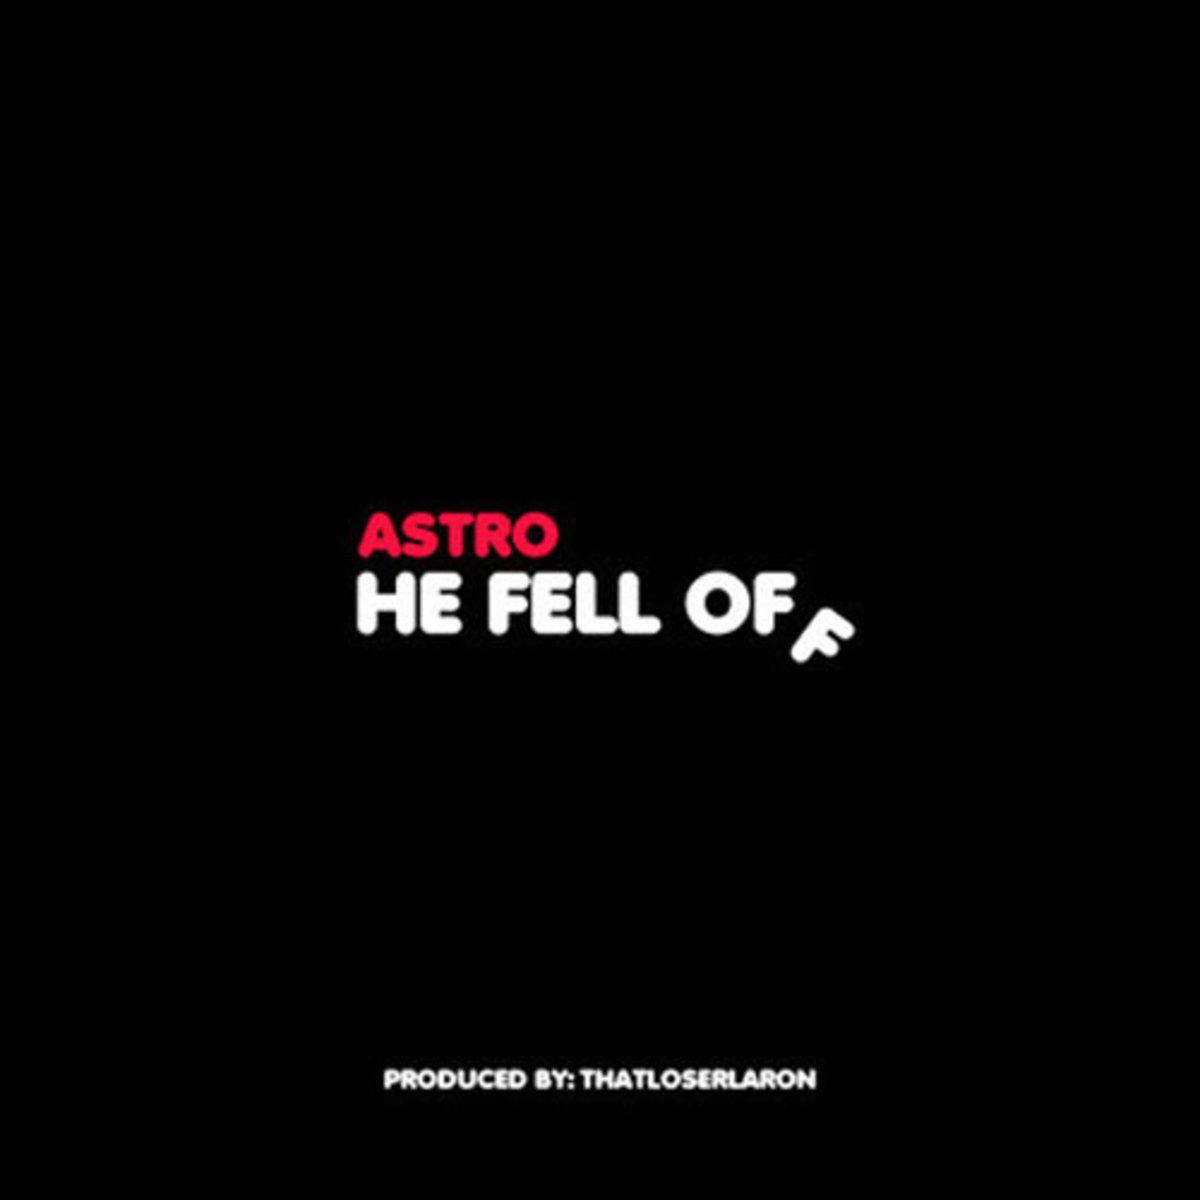 astro-hefelloff.jpg